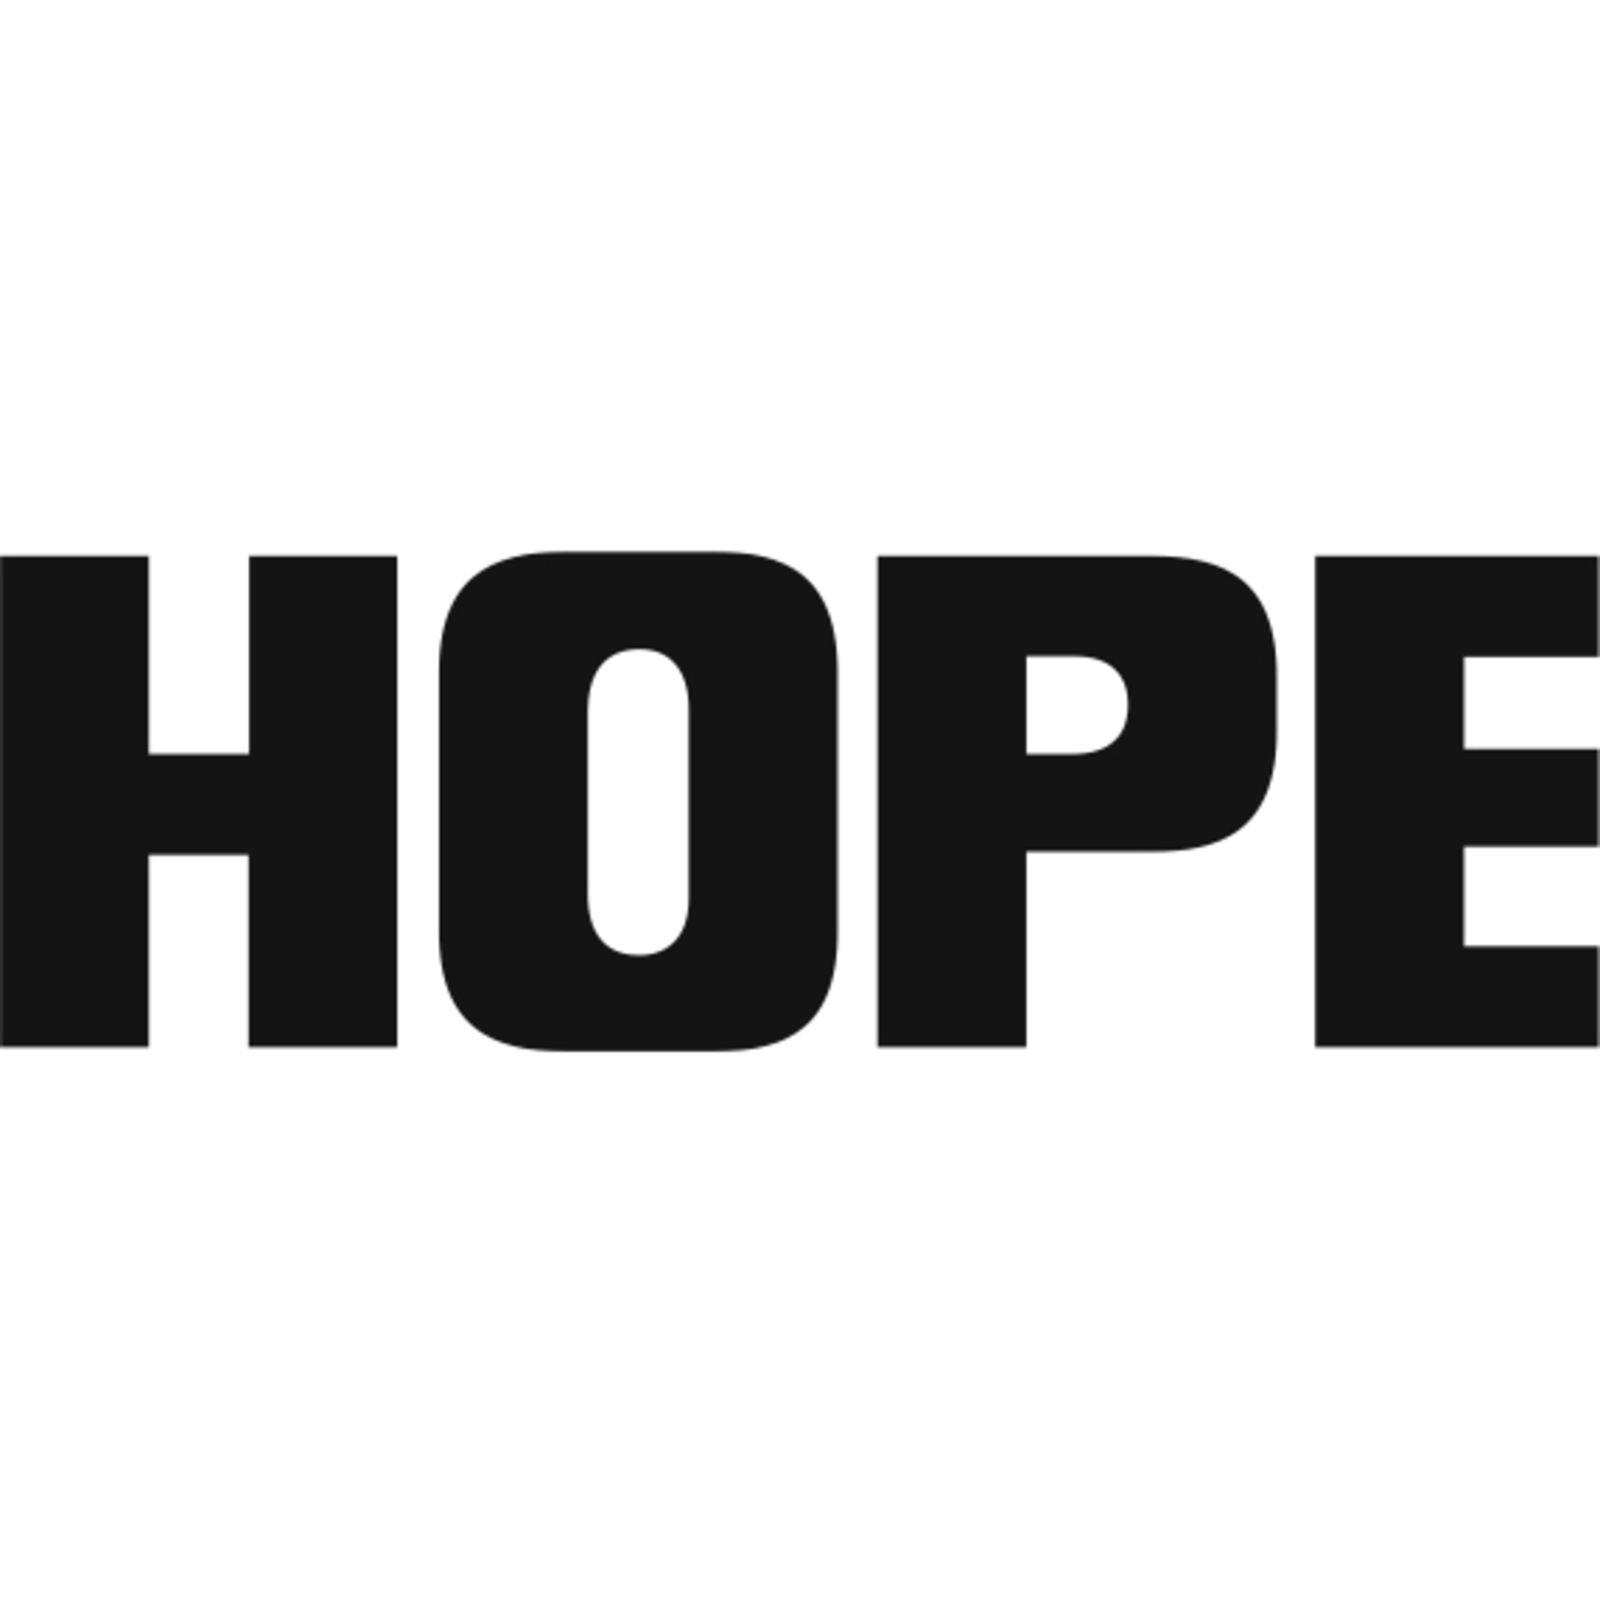 HOPE (Image 1)